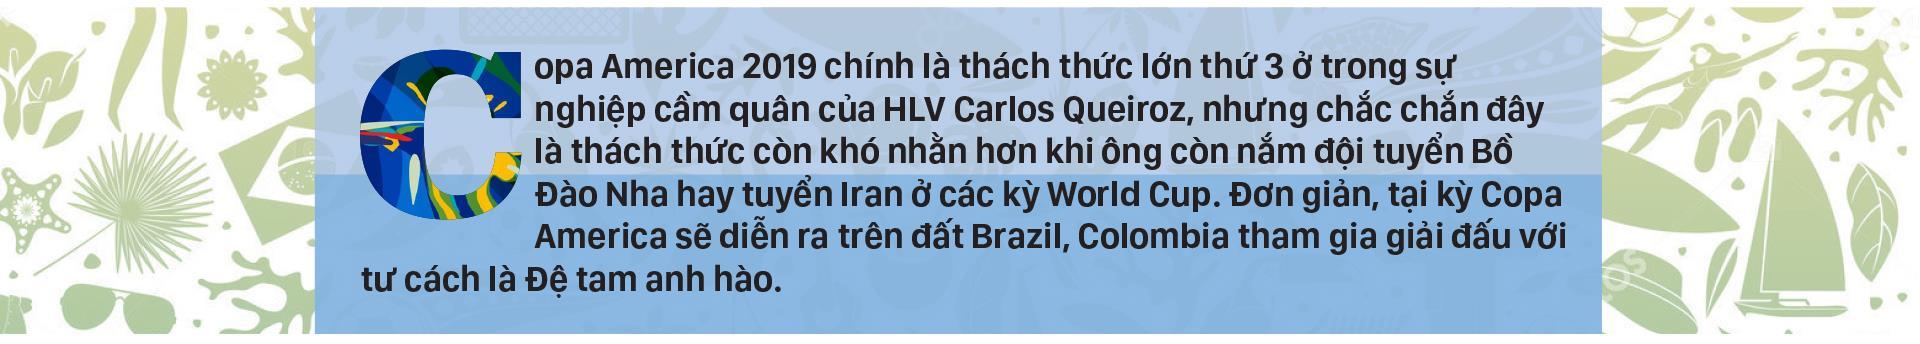 Bảng B: COLOMBIA Thách thức với Queiroz ảnh 1